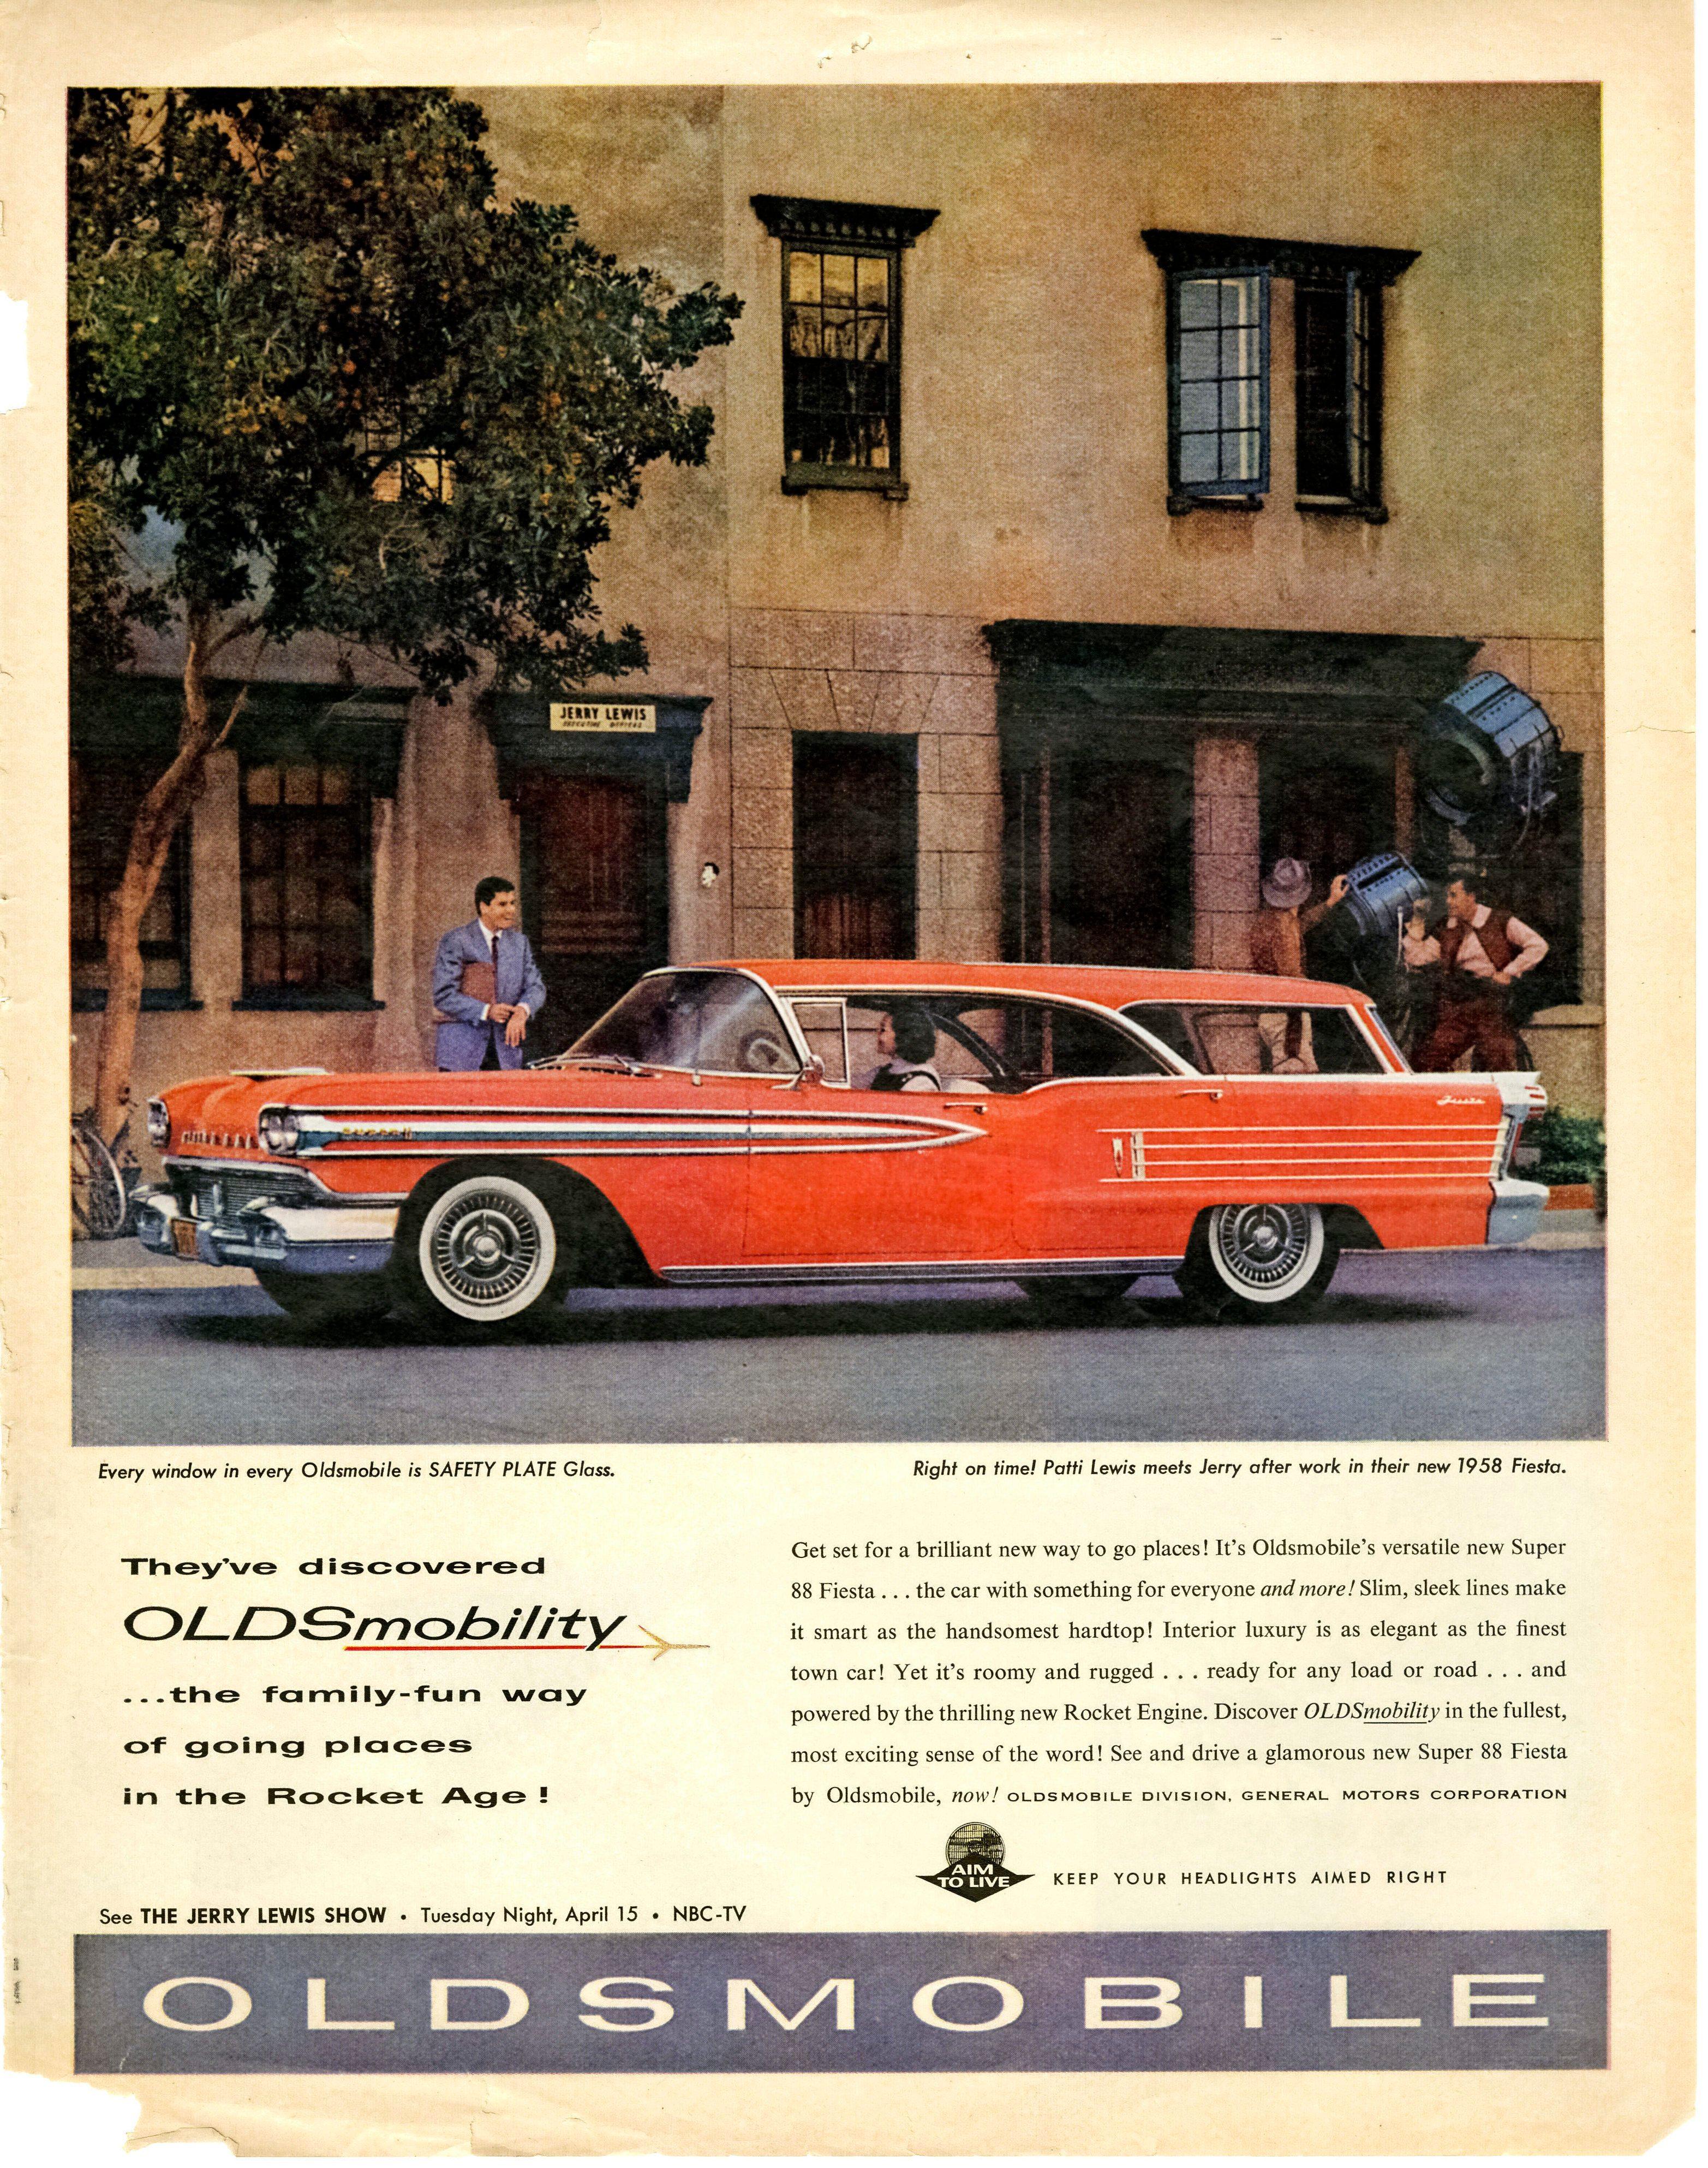 Oldsmobile 88 Fiesta